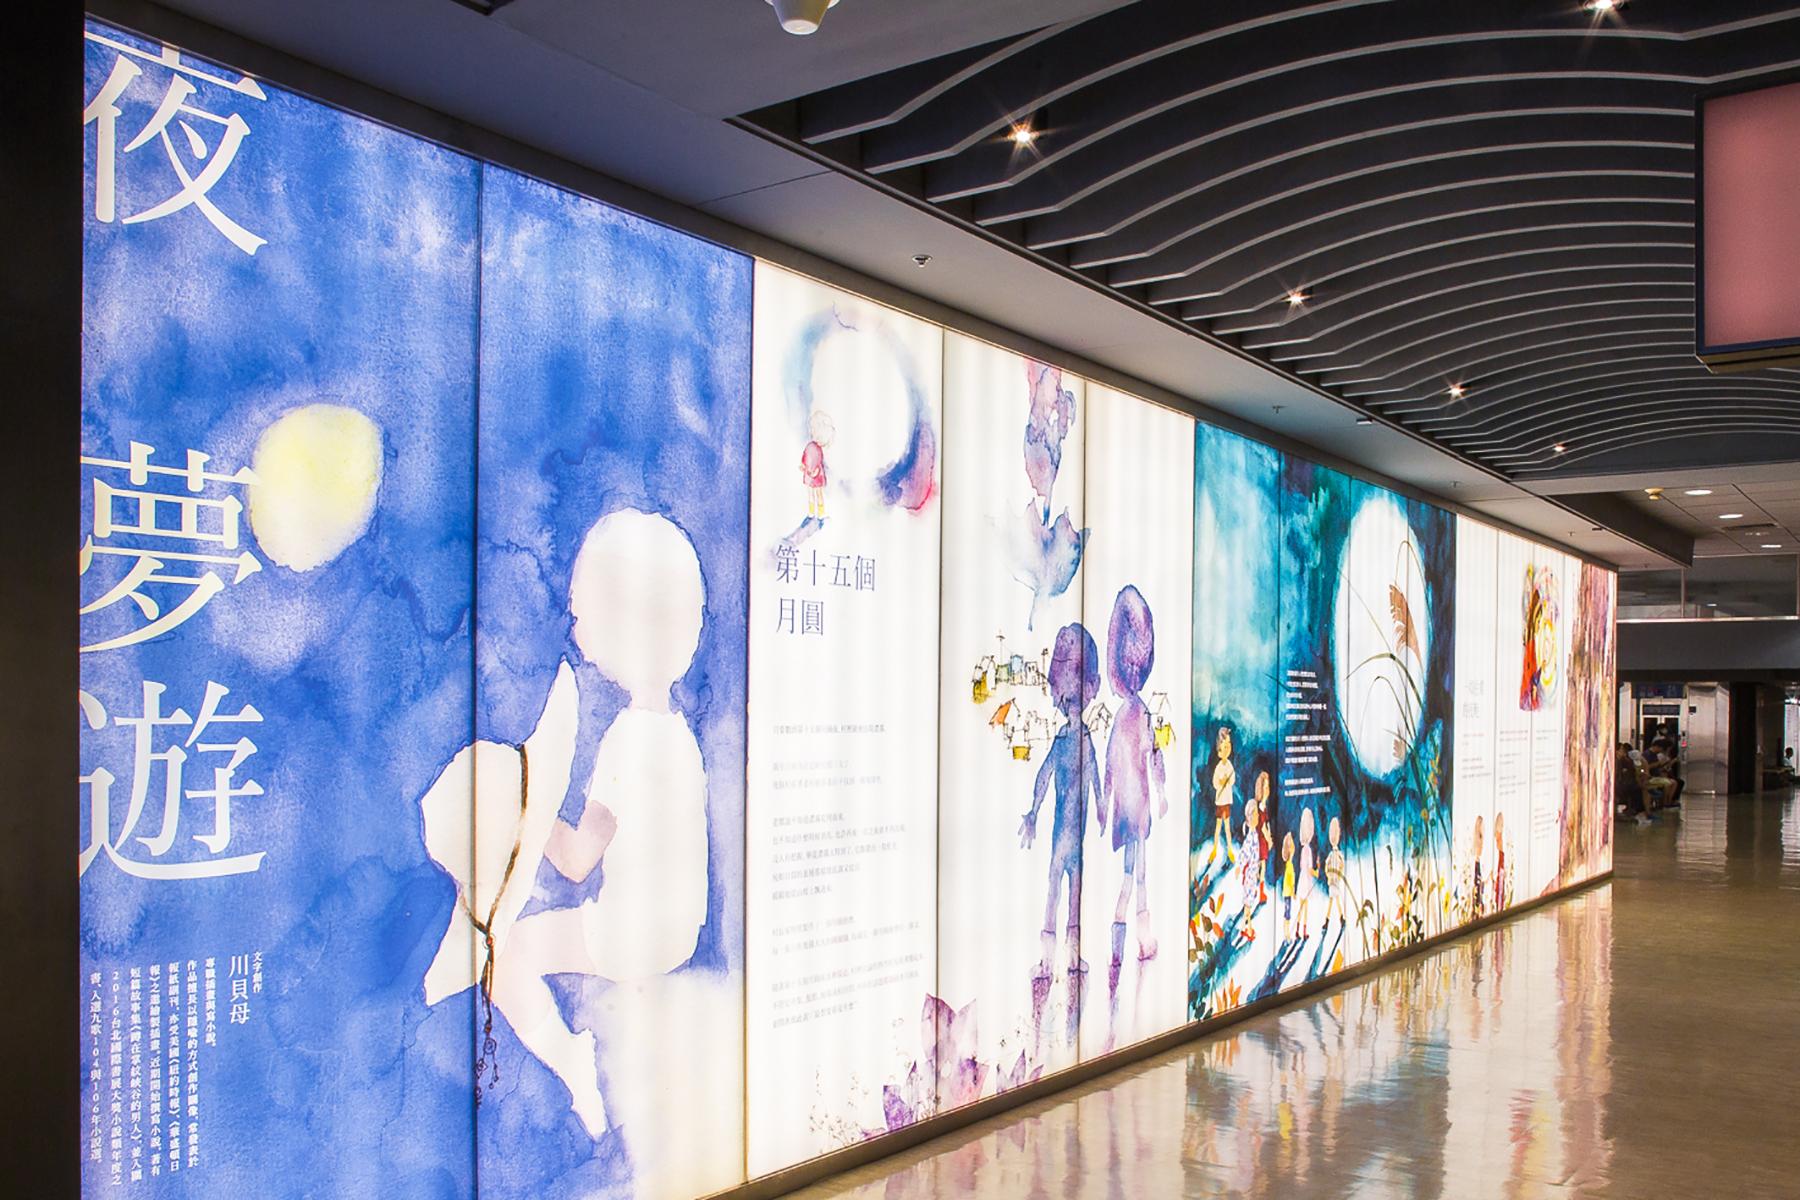 插畫家川貝母跨界故事創作「夜夢遊」